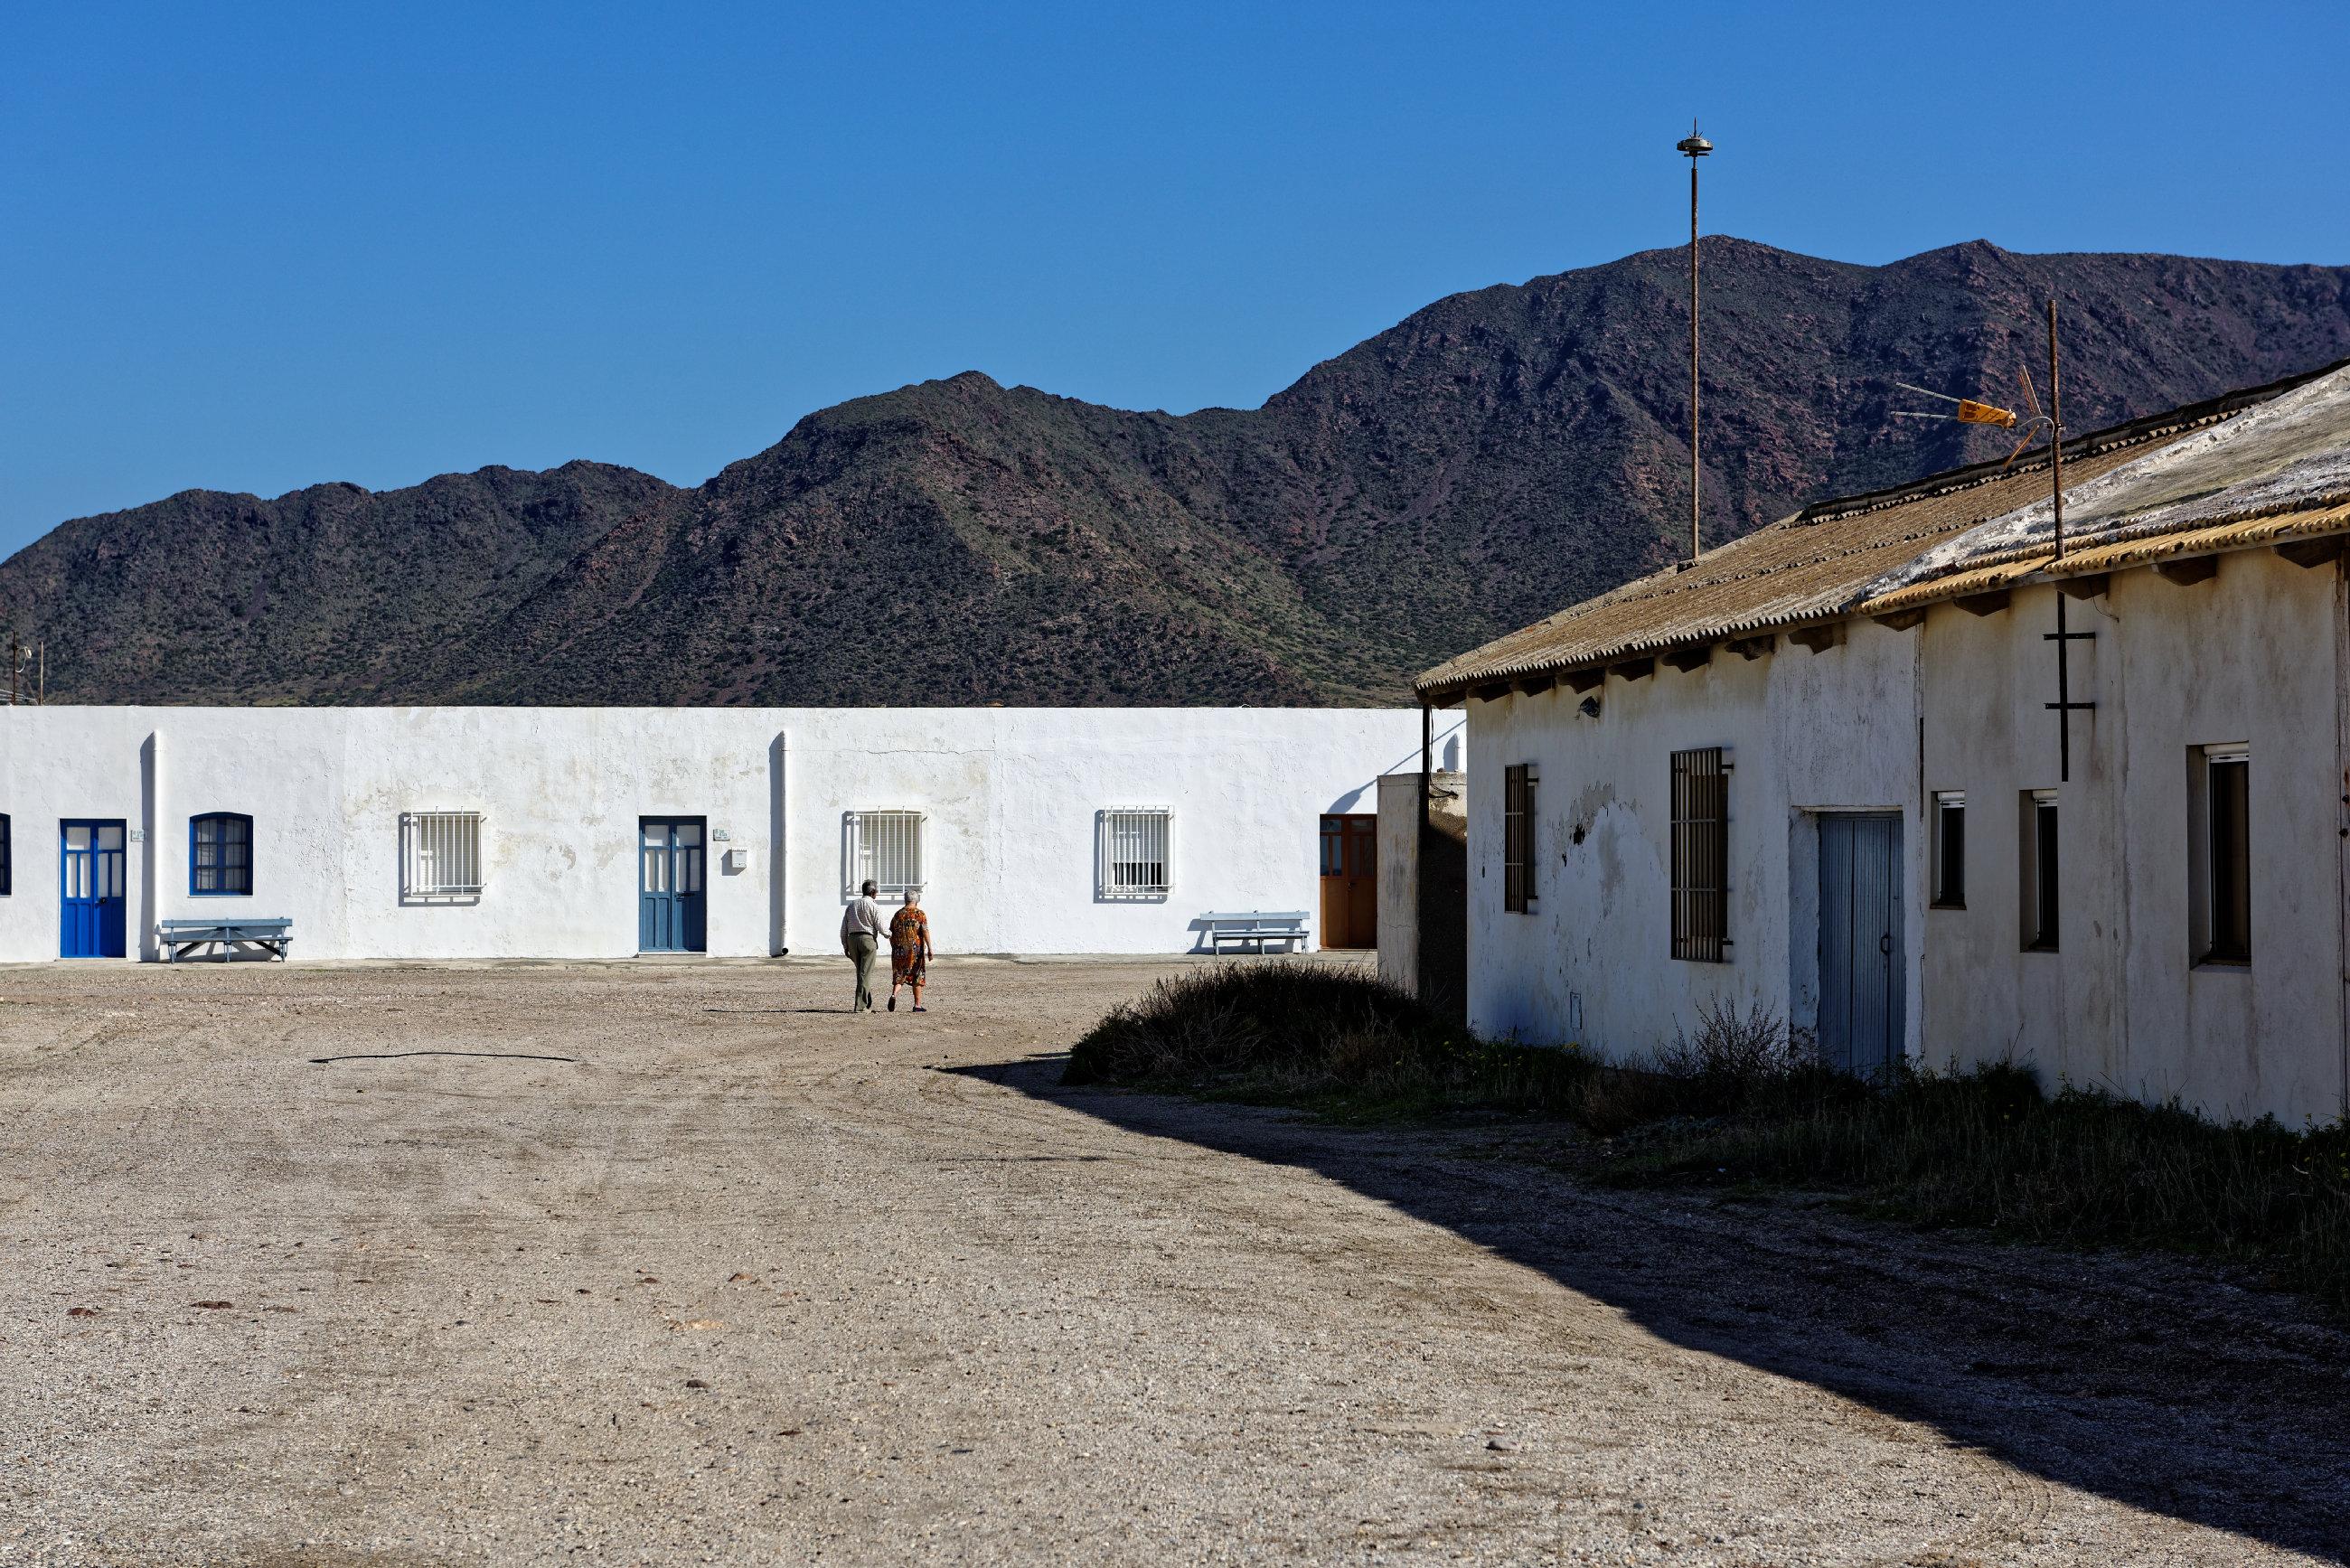 151109-Cabo de Gata-La Almadraba de Monteleva (65)